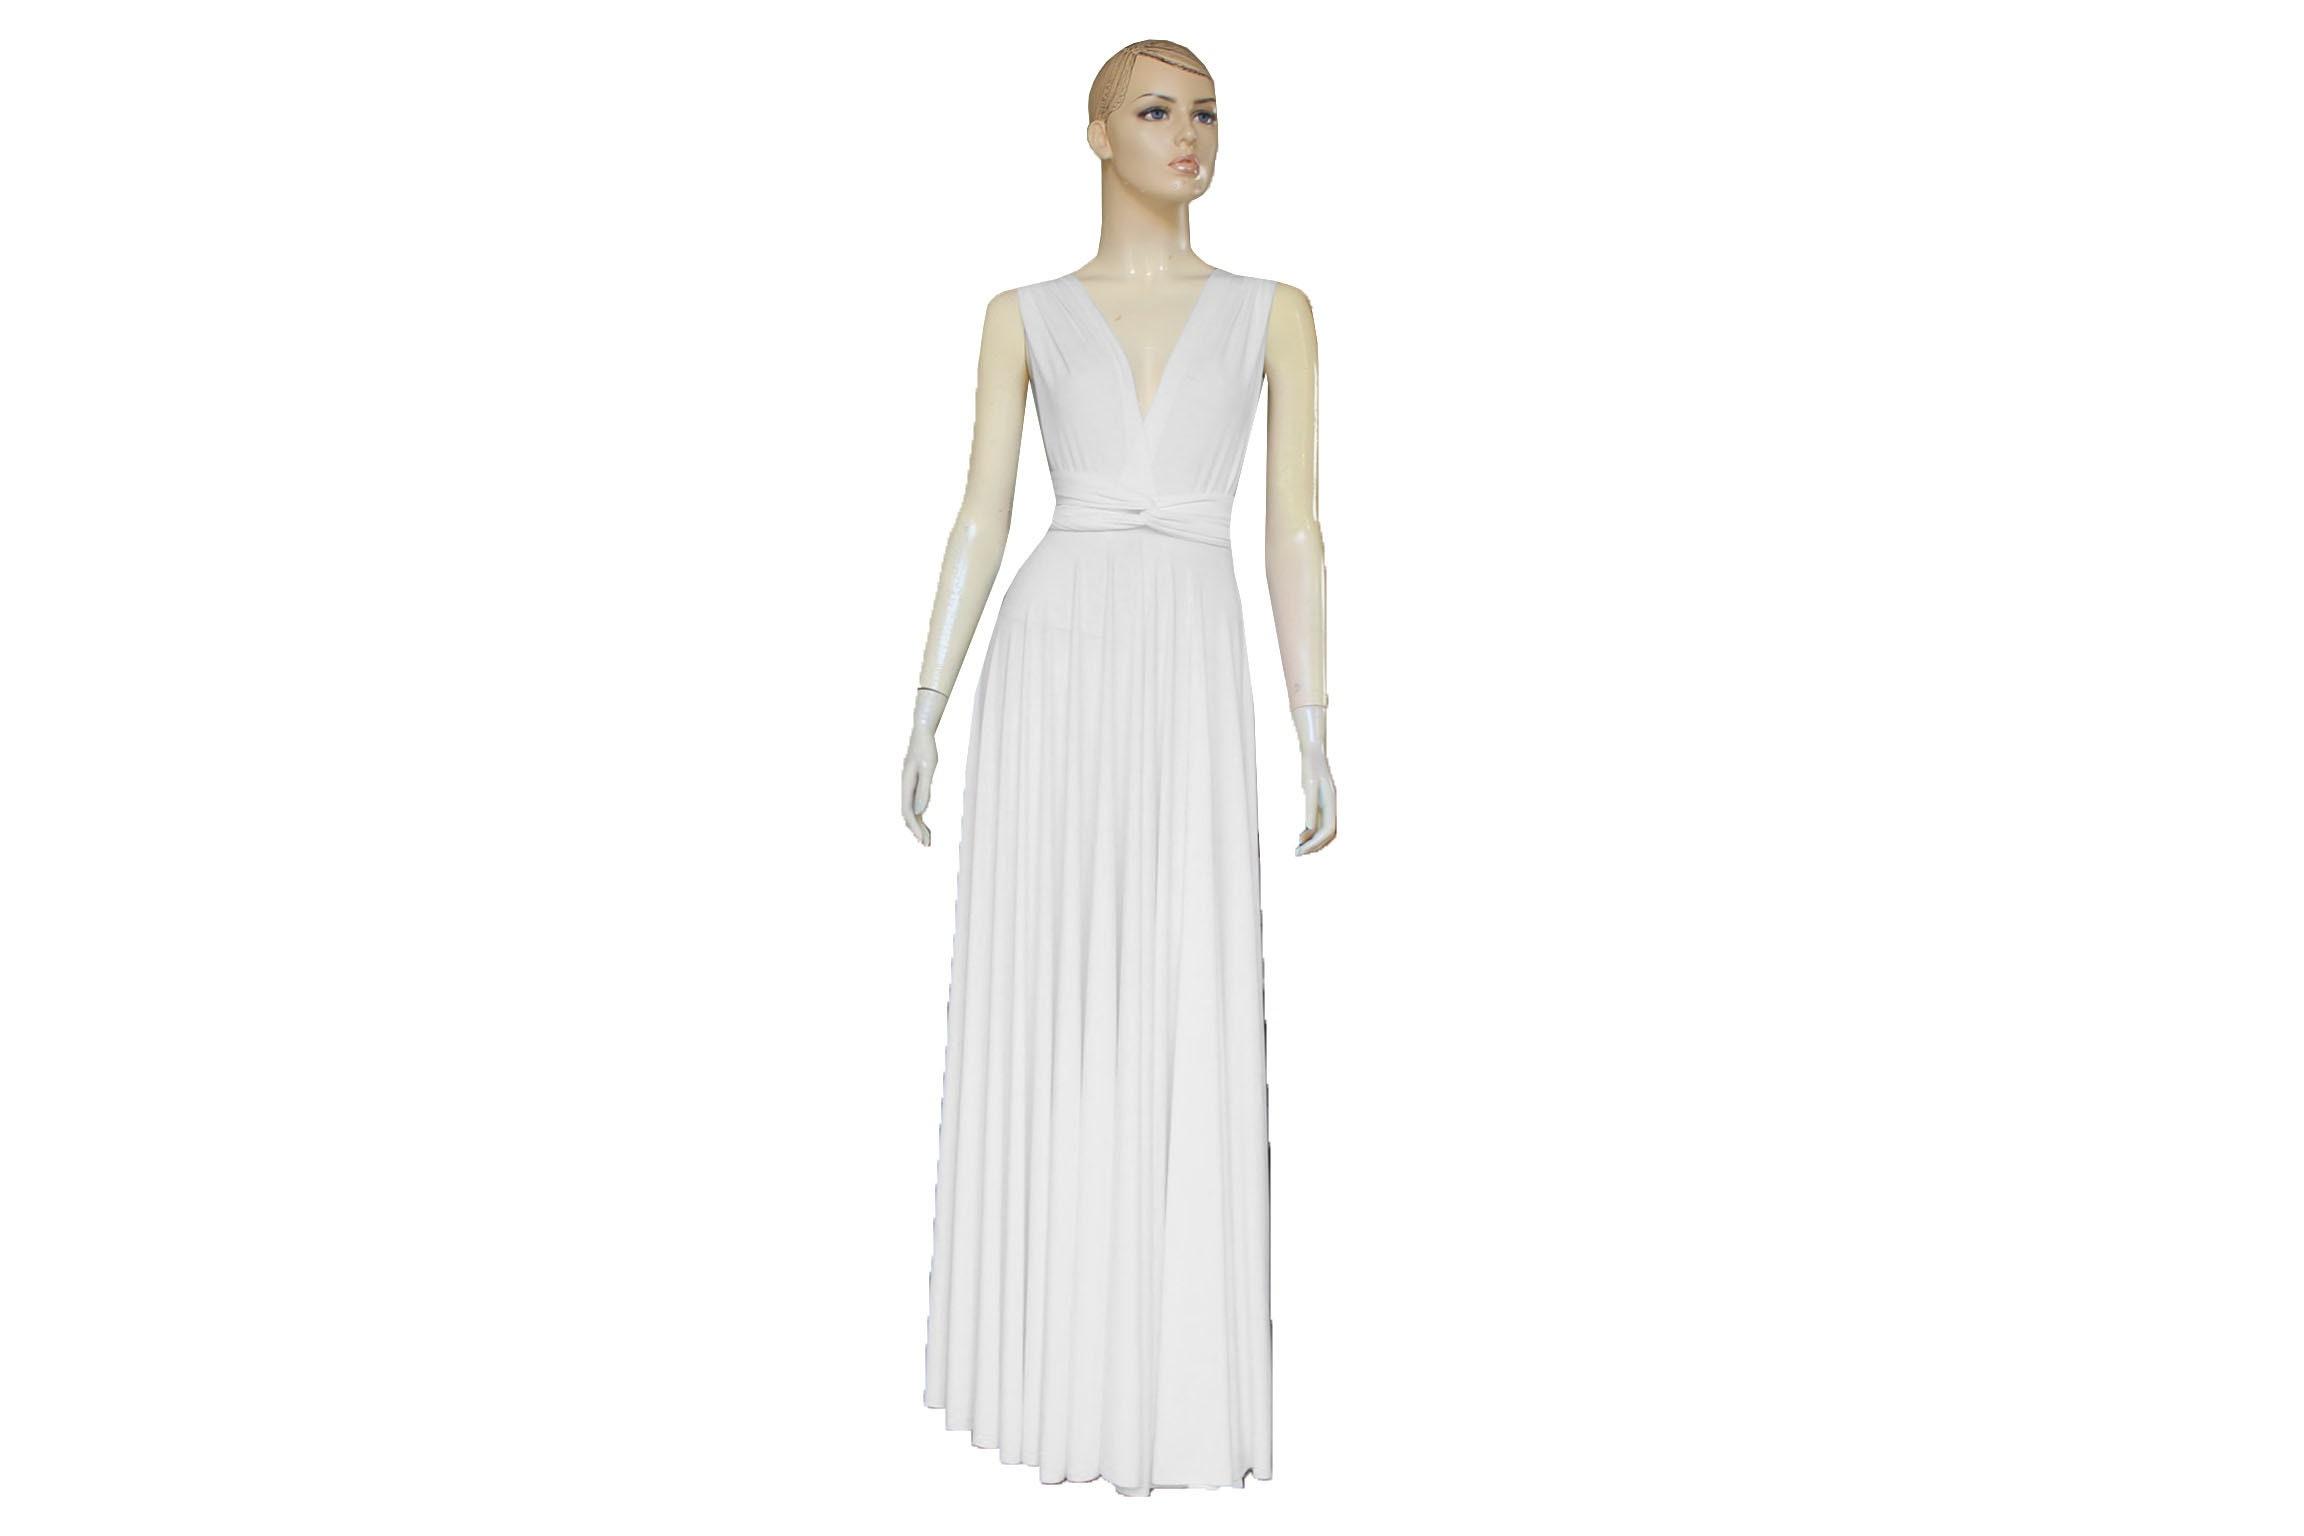 Cabrio Brautkleid Infinity weißes Kleid Wrap Brautkleid